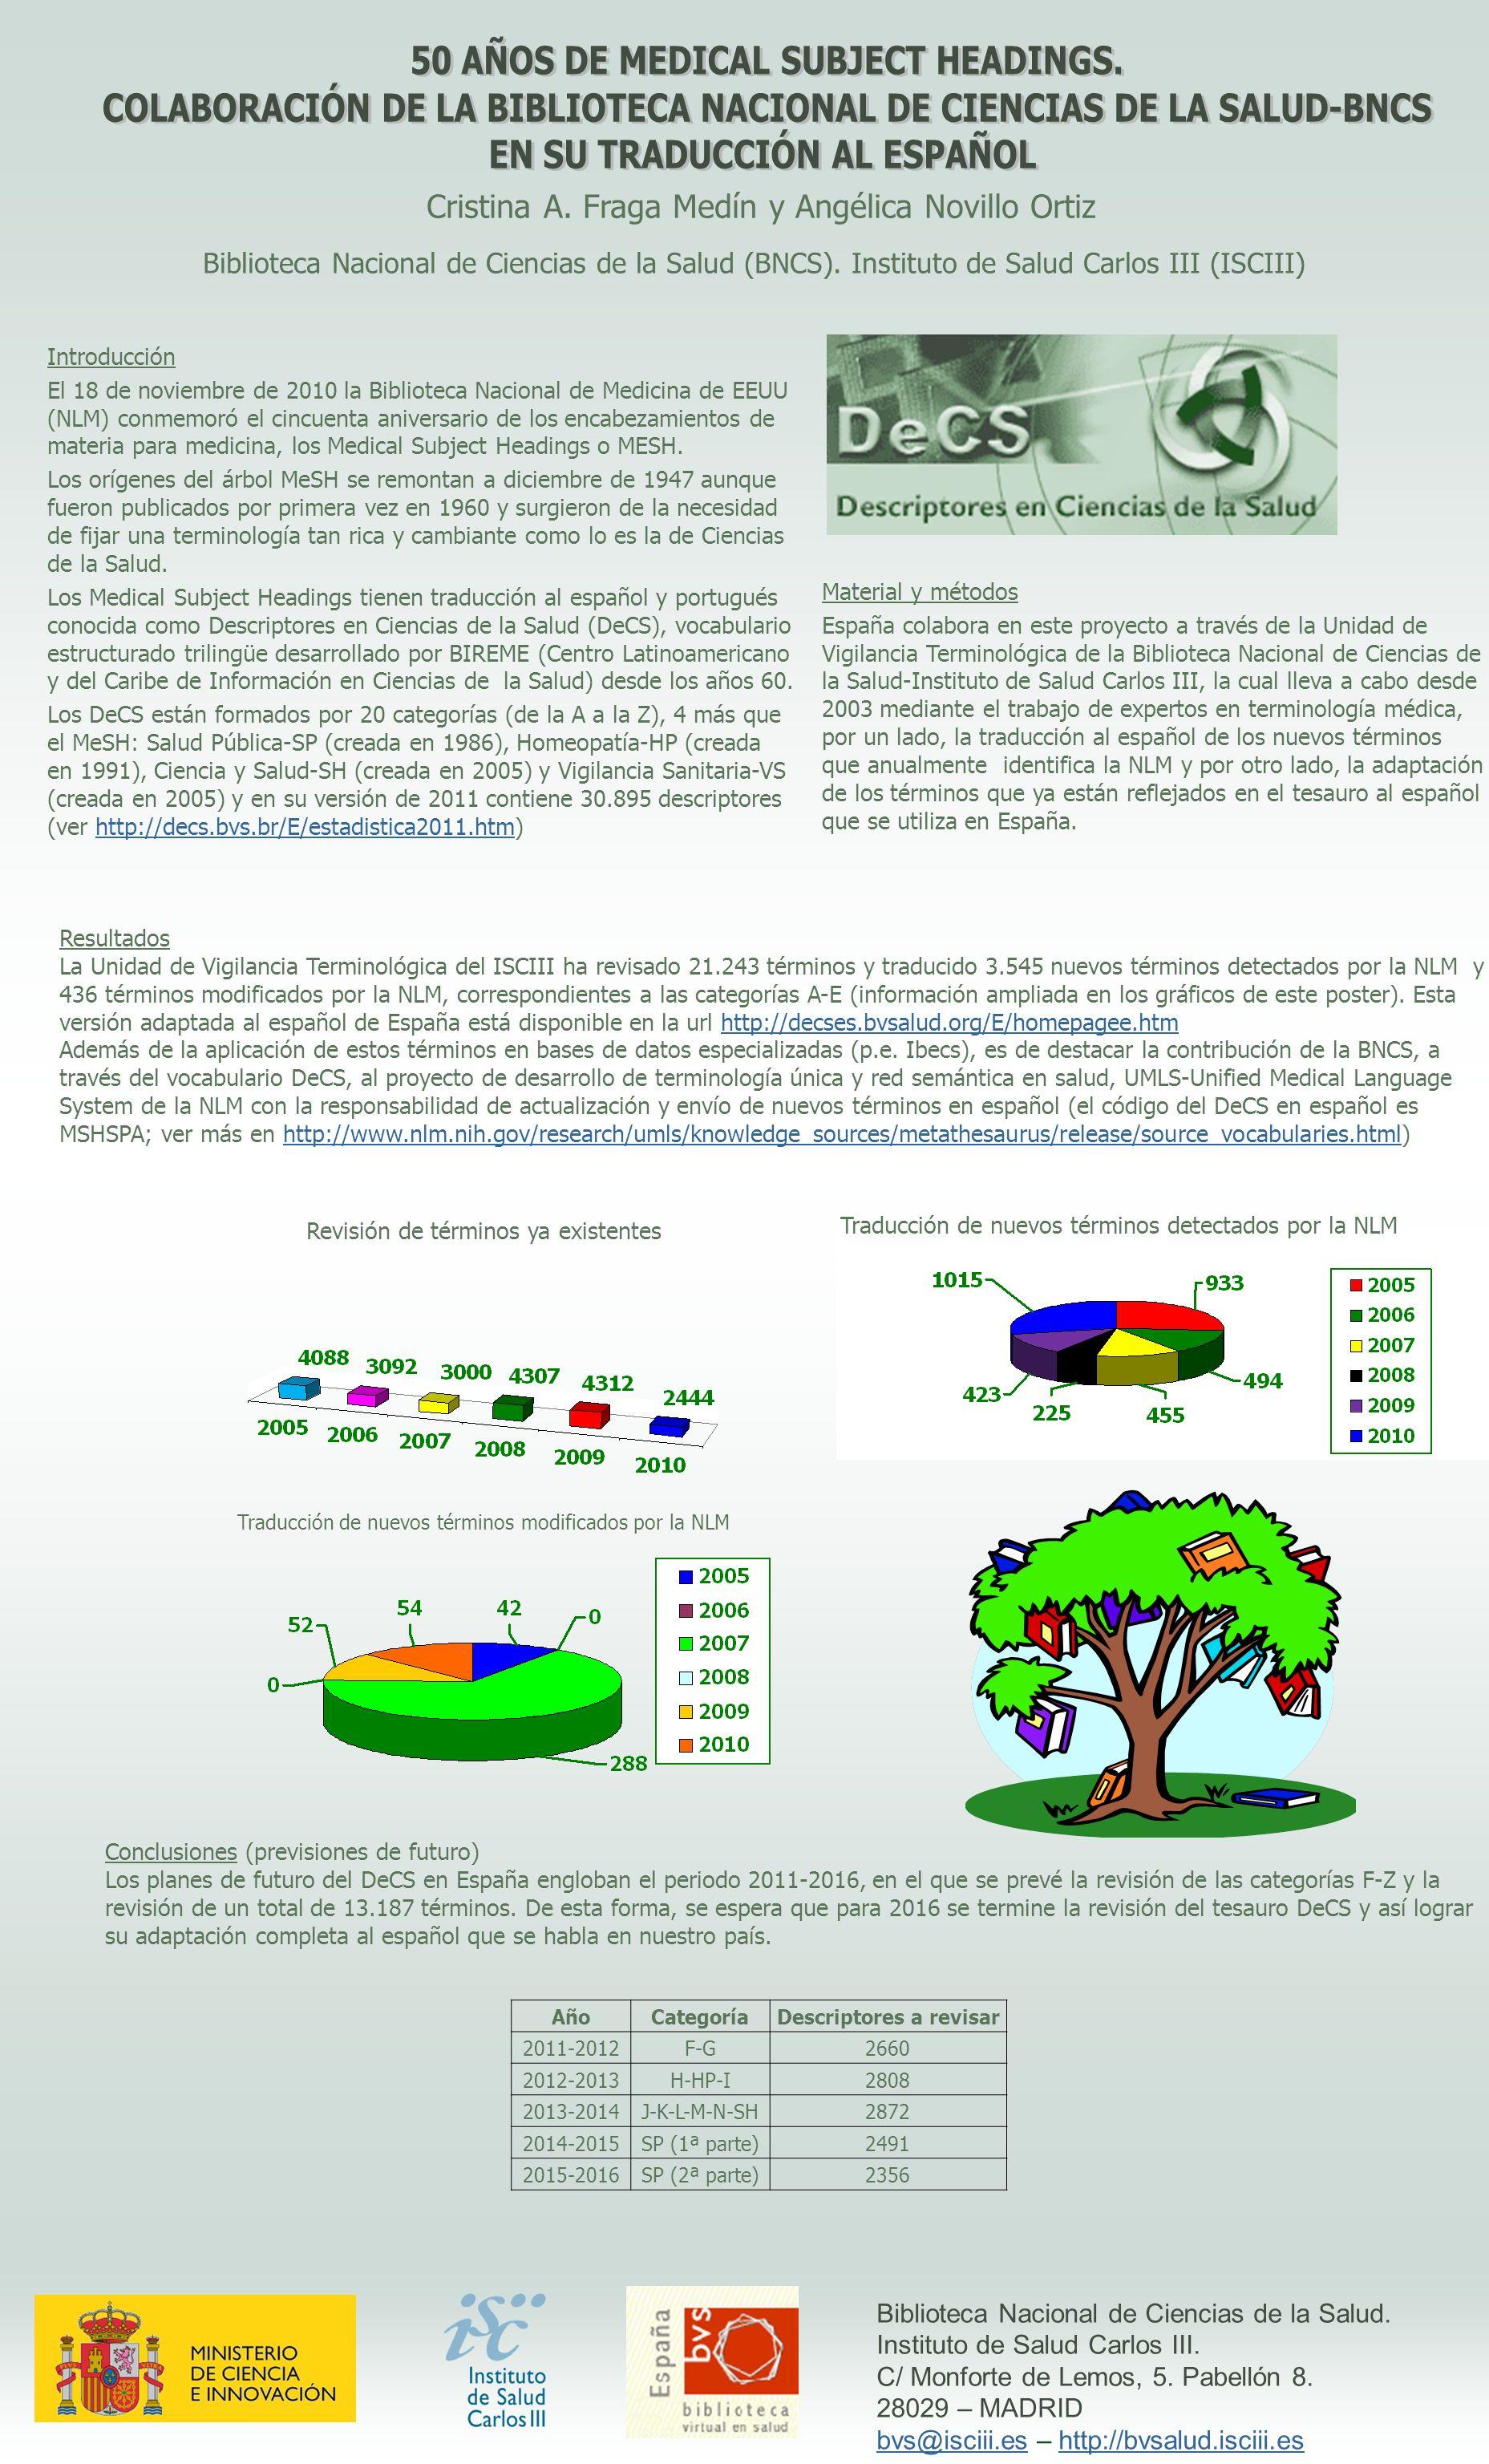 Cristina A. Fraga Medín y Angélica Novillo Ortiz Biblioteca Nacional de Ciencias de la Salud (BNCS). Instituto de Salud Carlos III (ISCIII) Biblioteca